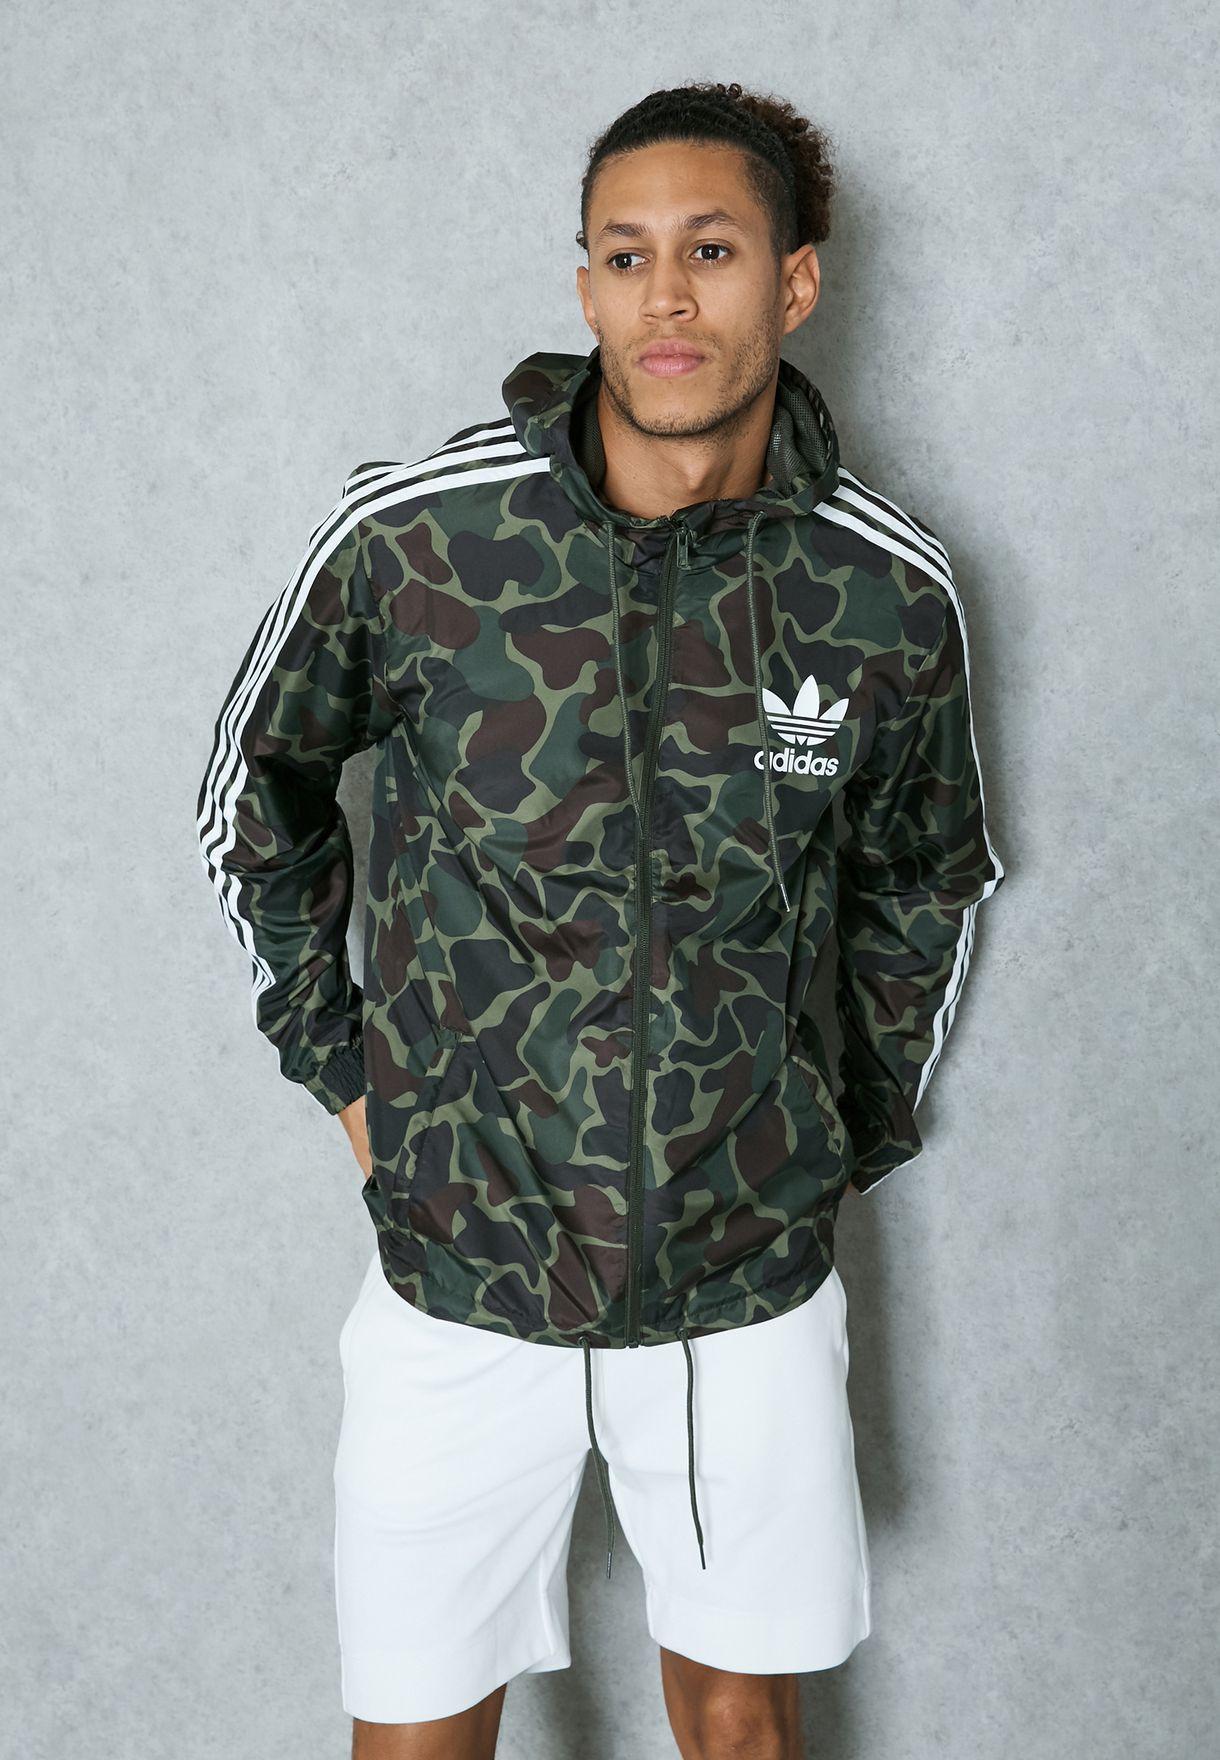 d90ae2d98b172 Shop adidas Originals prints Camo Windbreaker Jacket BJ9997 for Men ...